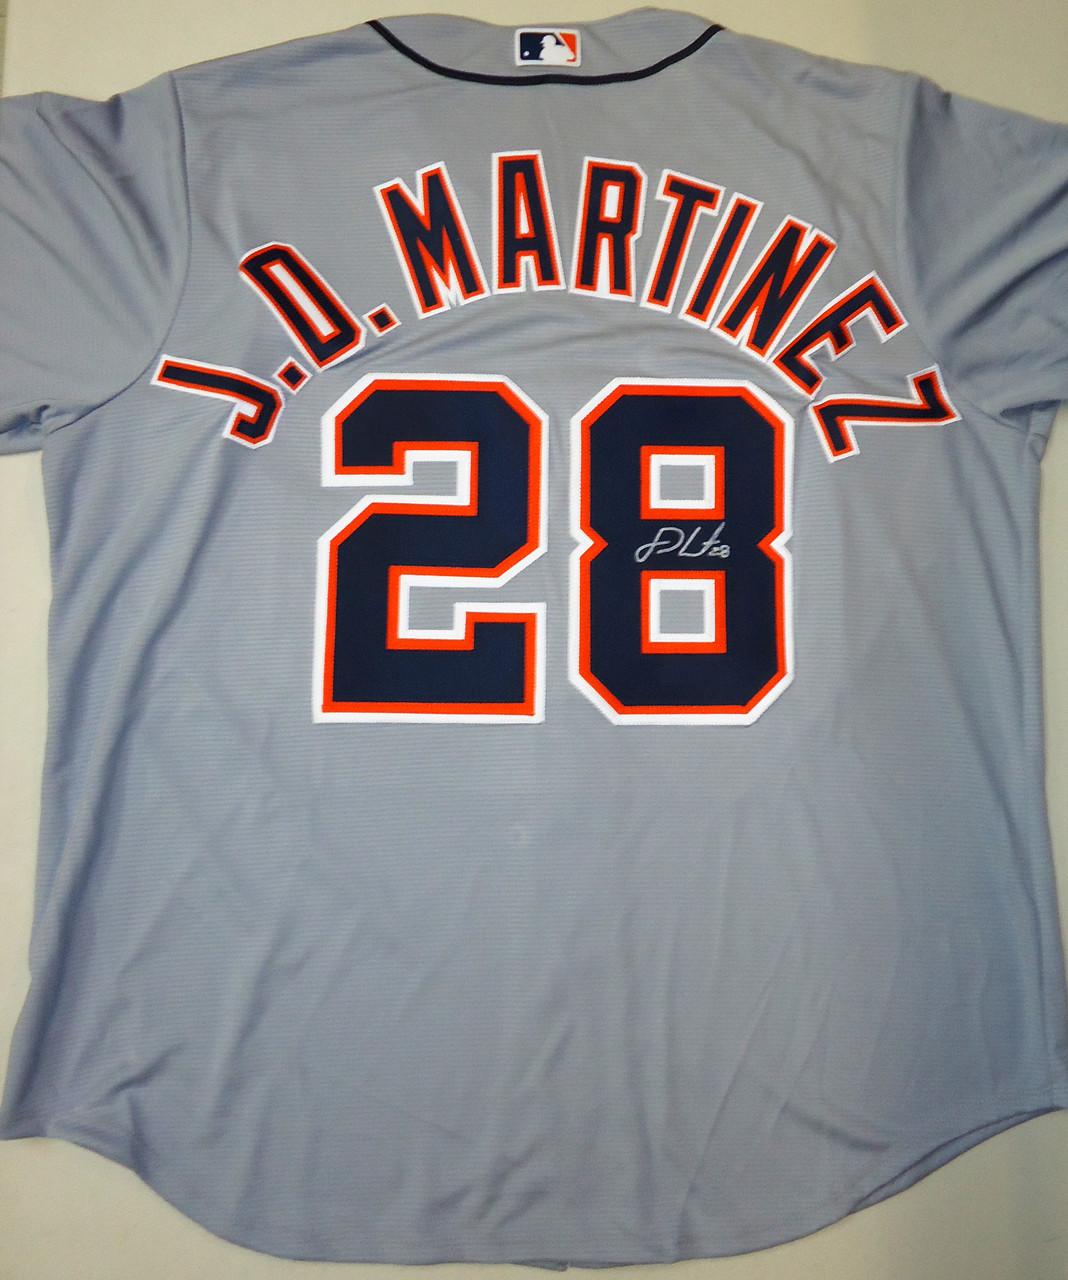 new arrival 598ce 42a2f J.D. Martinez Autographed Detroit Tigers Road Jersey